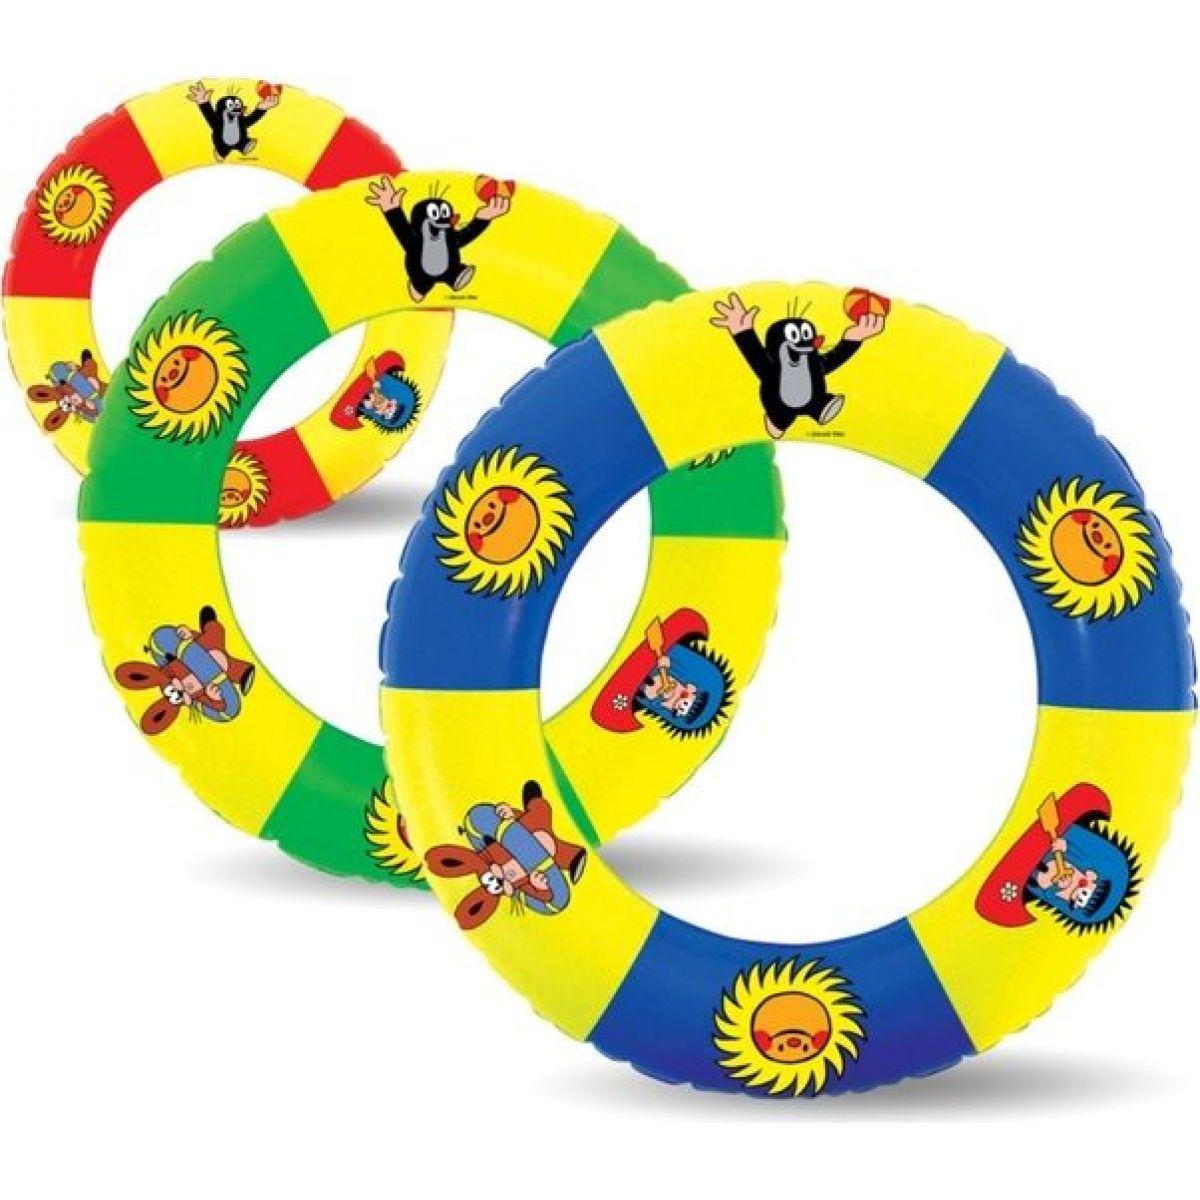 Wiky Krteček Kruh 40 cm - zelená/žlutá